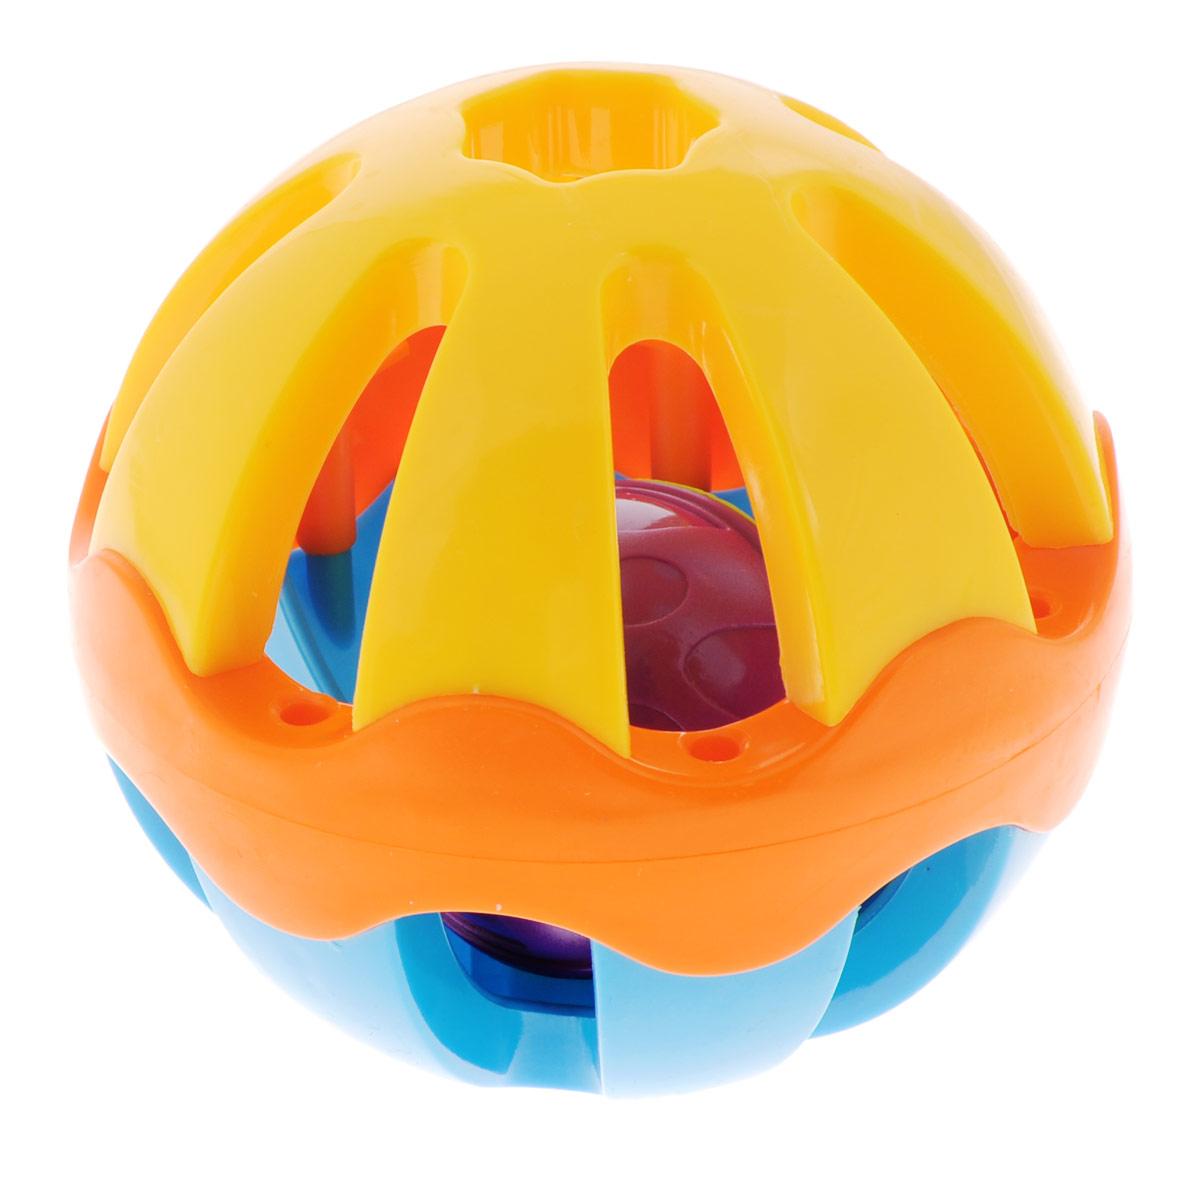 Погремушка Mioshi ШарTY9021Яркая, звонкая, приятная на ощупь погремушка Mioshi Шар станет любимой игрушкой вашей крохи с первых дней жизни. Игрушка, выполненная в форме шара, развивает мелкую моторику, восприятие формы и цвета предметов, слух и зрение. Дети в раннем возрасте всегда очень любознательны, они тщательно исследуют всё, что попадает им в руки. Заботясь о здоровье и безопасности малышей, Mioshi выпускает только качественную продукцию, которая прошла сертификацию. Игрушки Mioshi созданы специально для малышей, которые только начинают познавать этот волшебный мир.